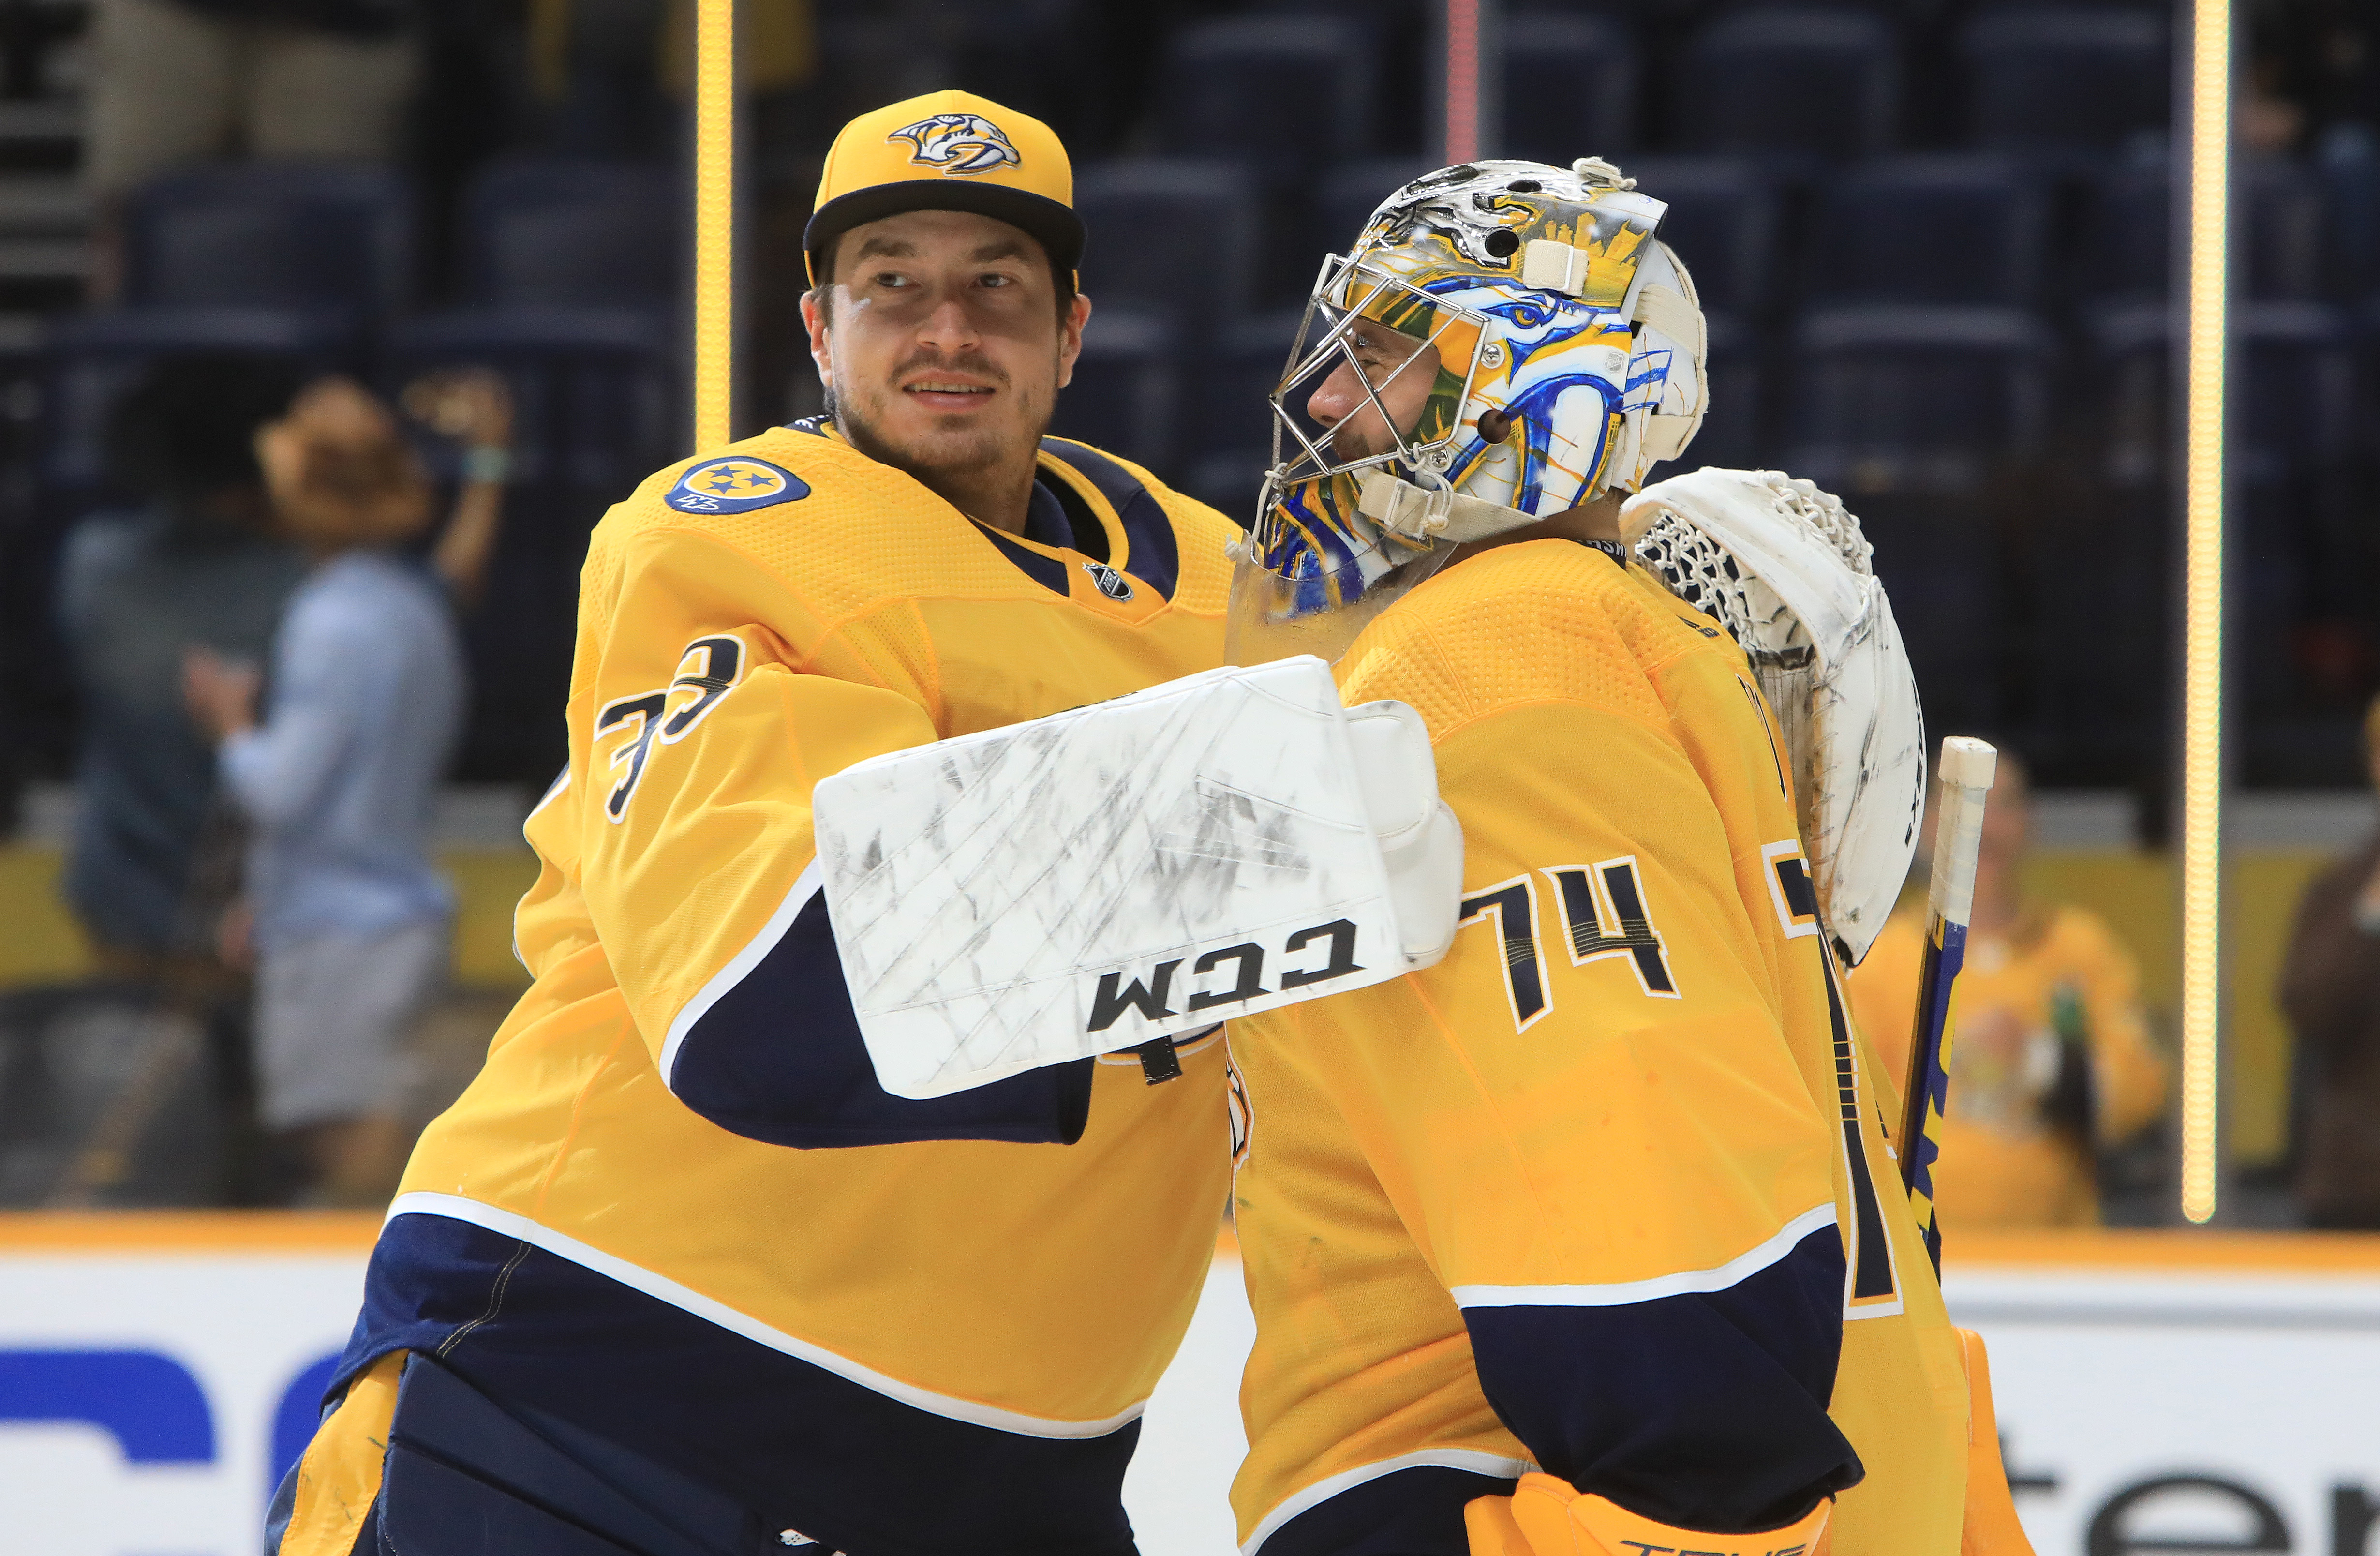 NHL: OCT 02 Lightning at Predators